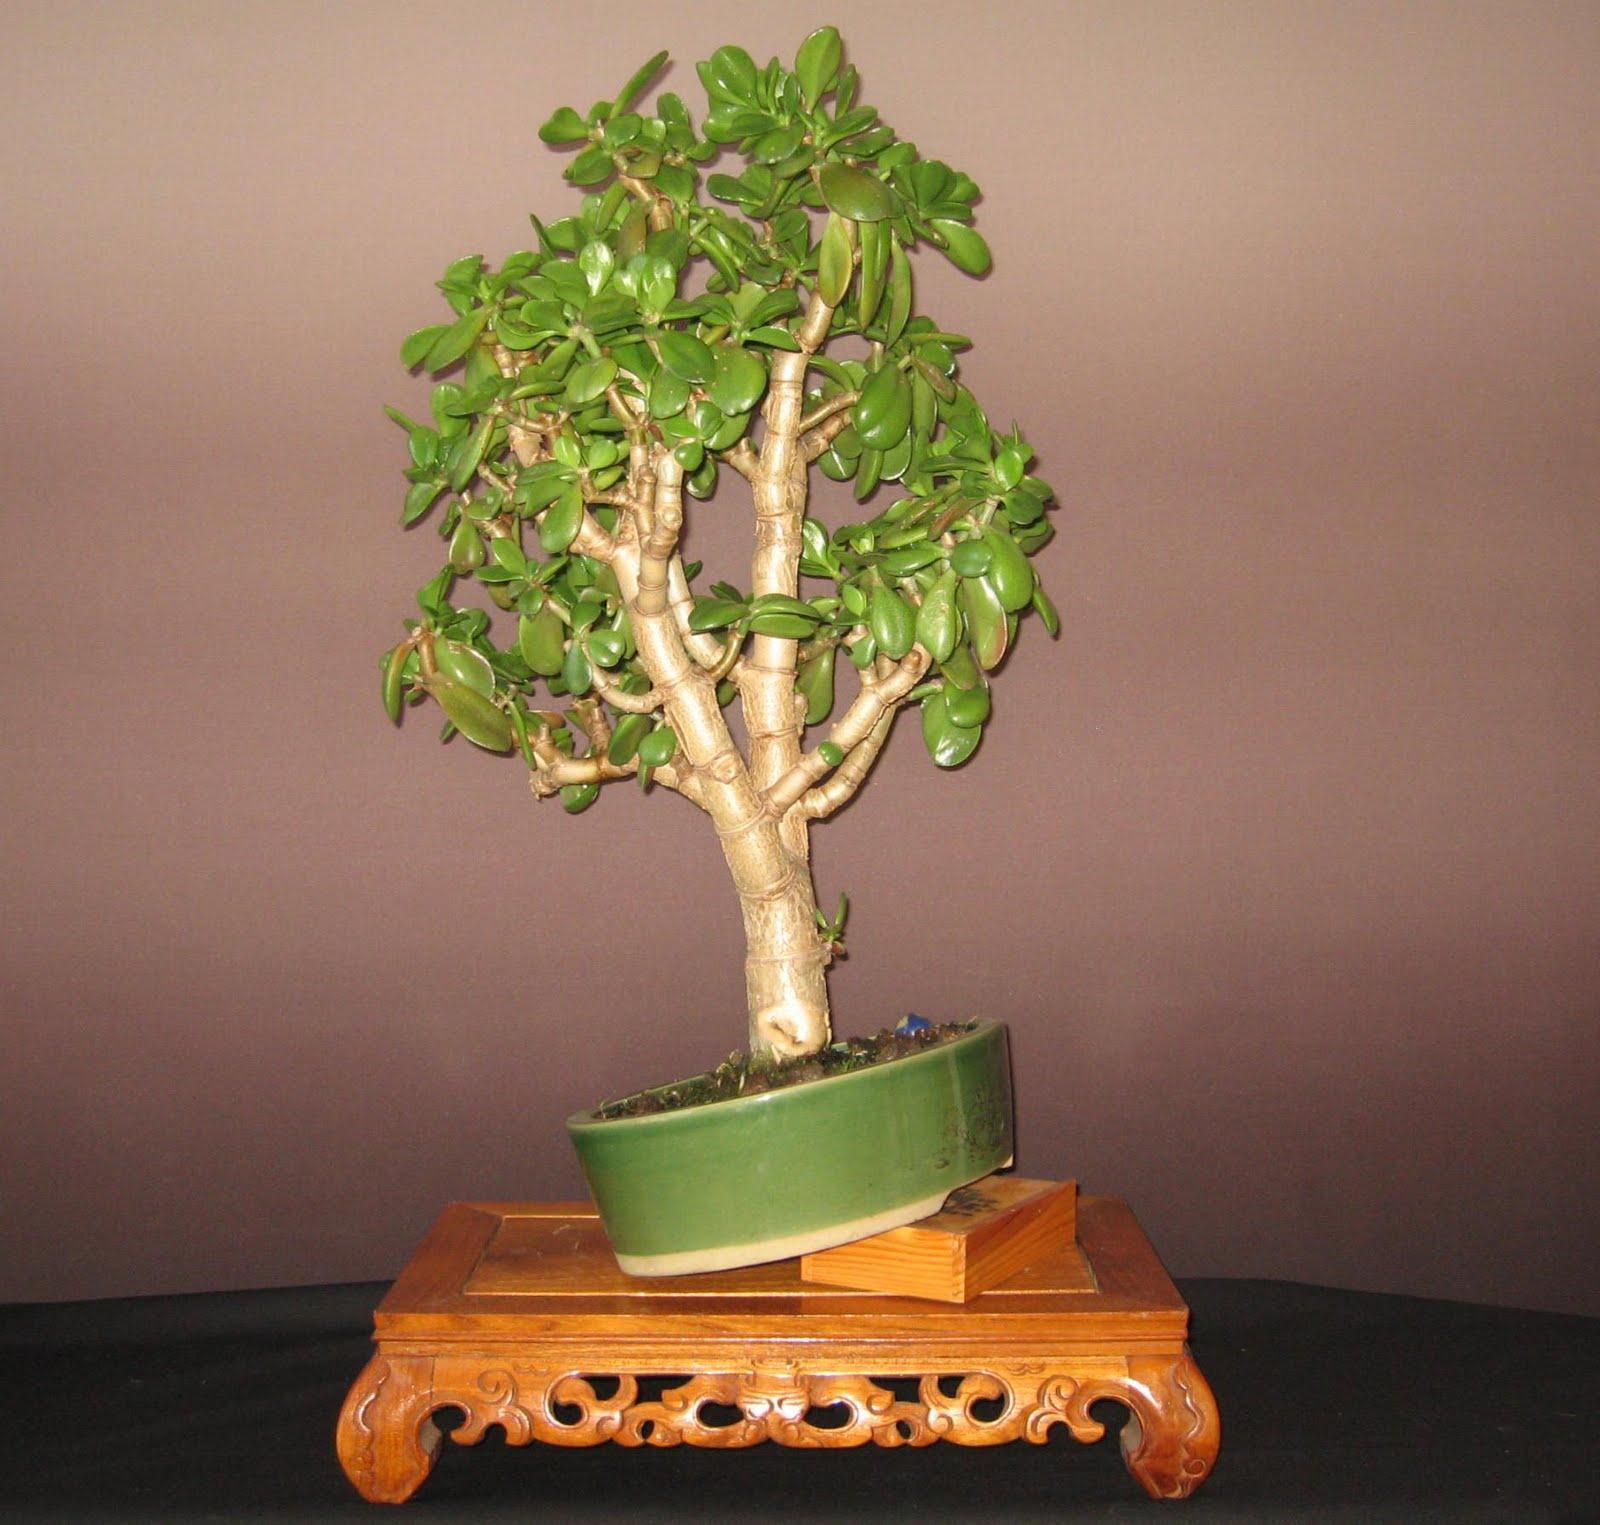 geldbaum wie schneiden pflegen schneiden veredeln green24 hilfe pflege bilder. Black Bedroom Furniture Sets. Home Design Ideas